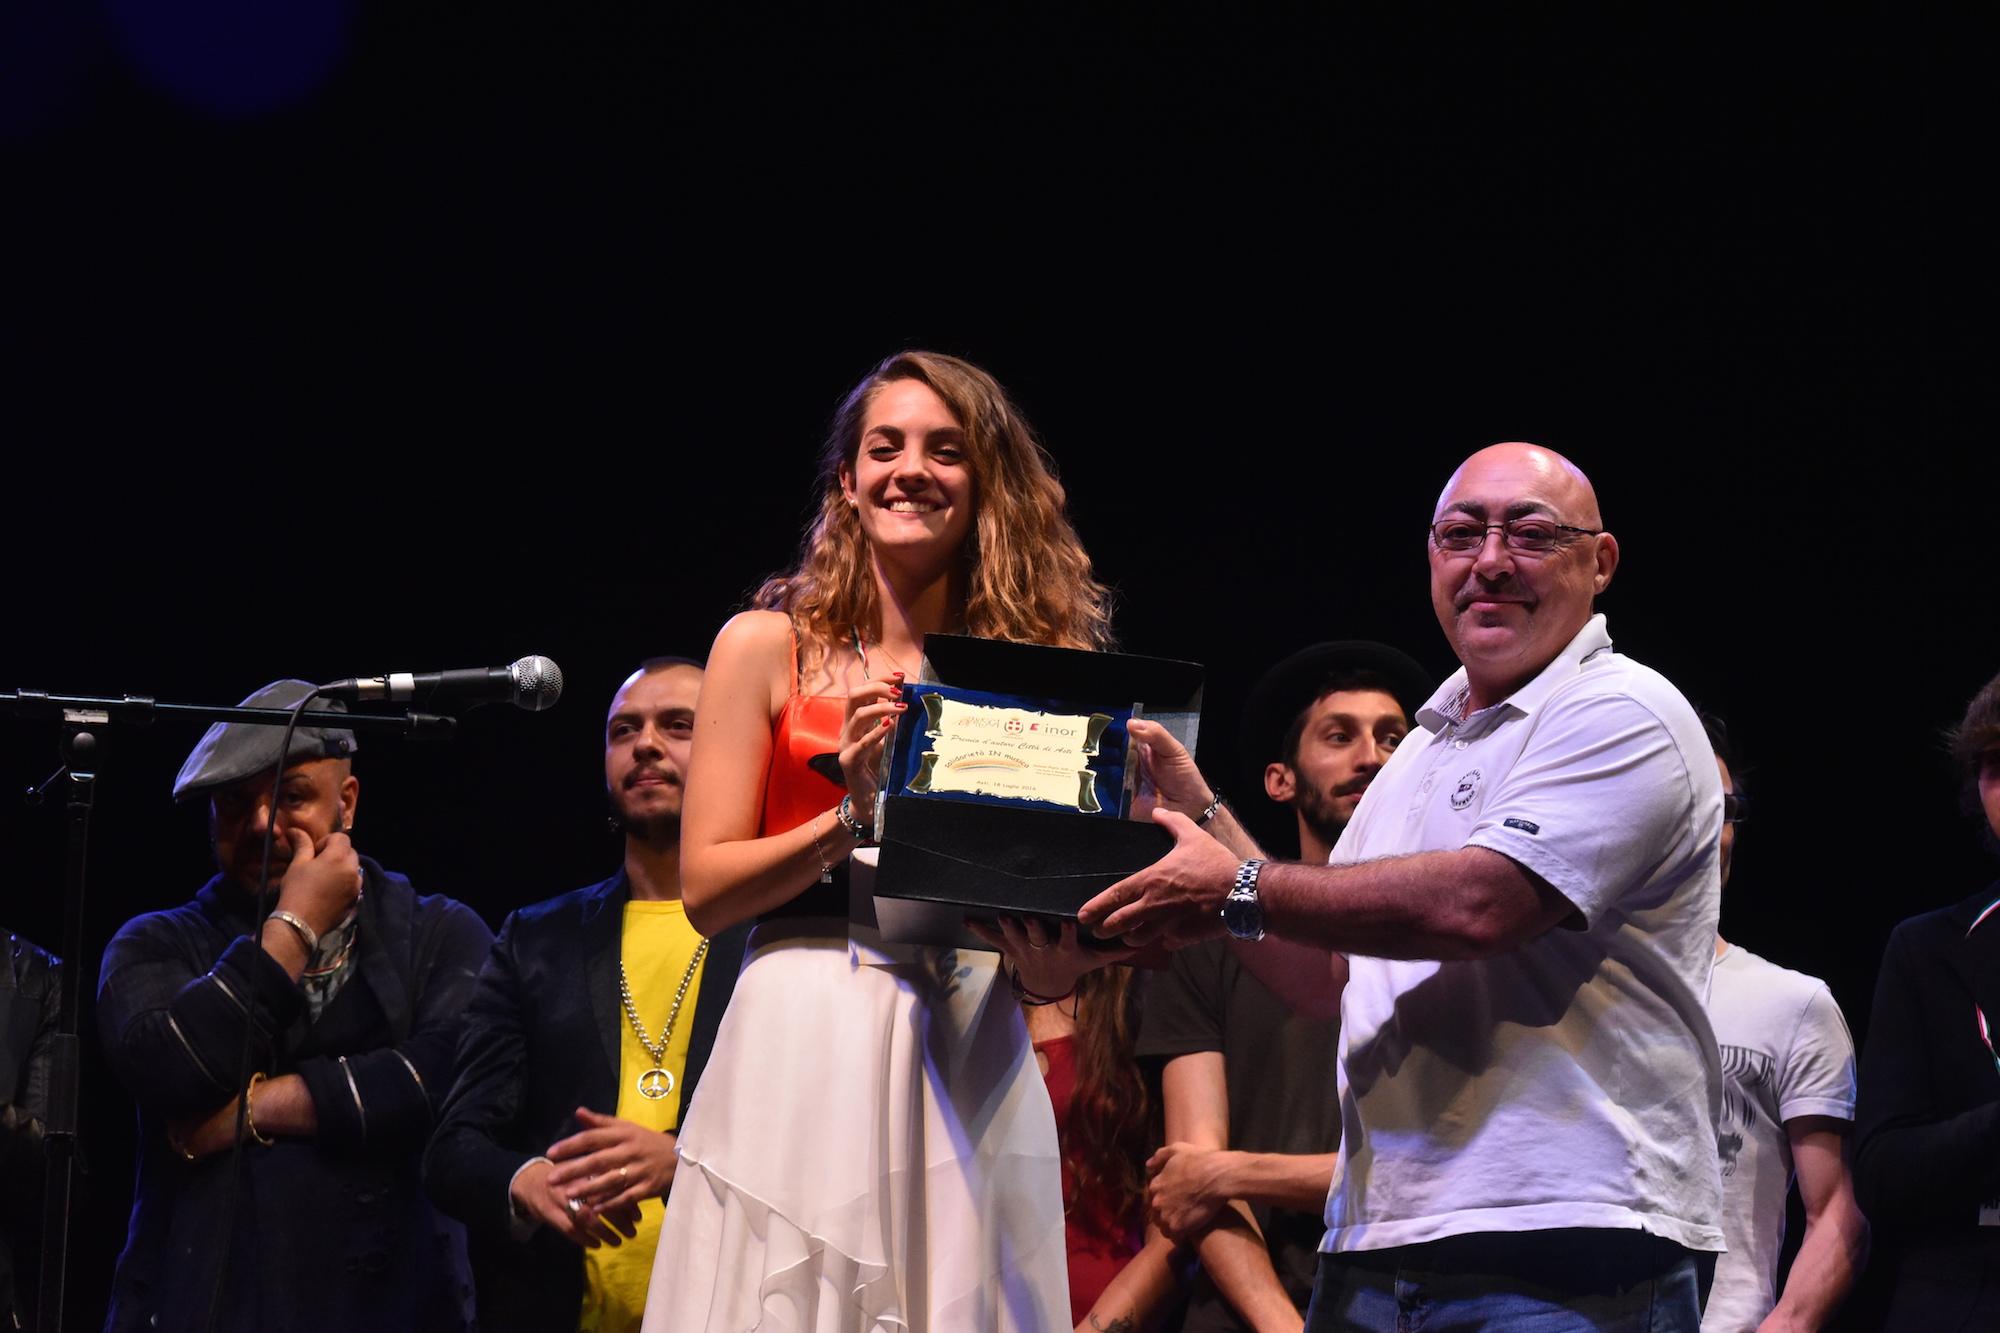 Il Premio d'Autore Città di Asti a Elisabetta Gagliardi: la fotogallery